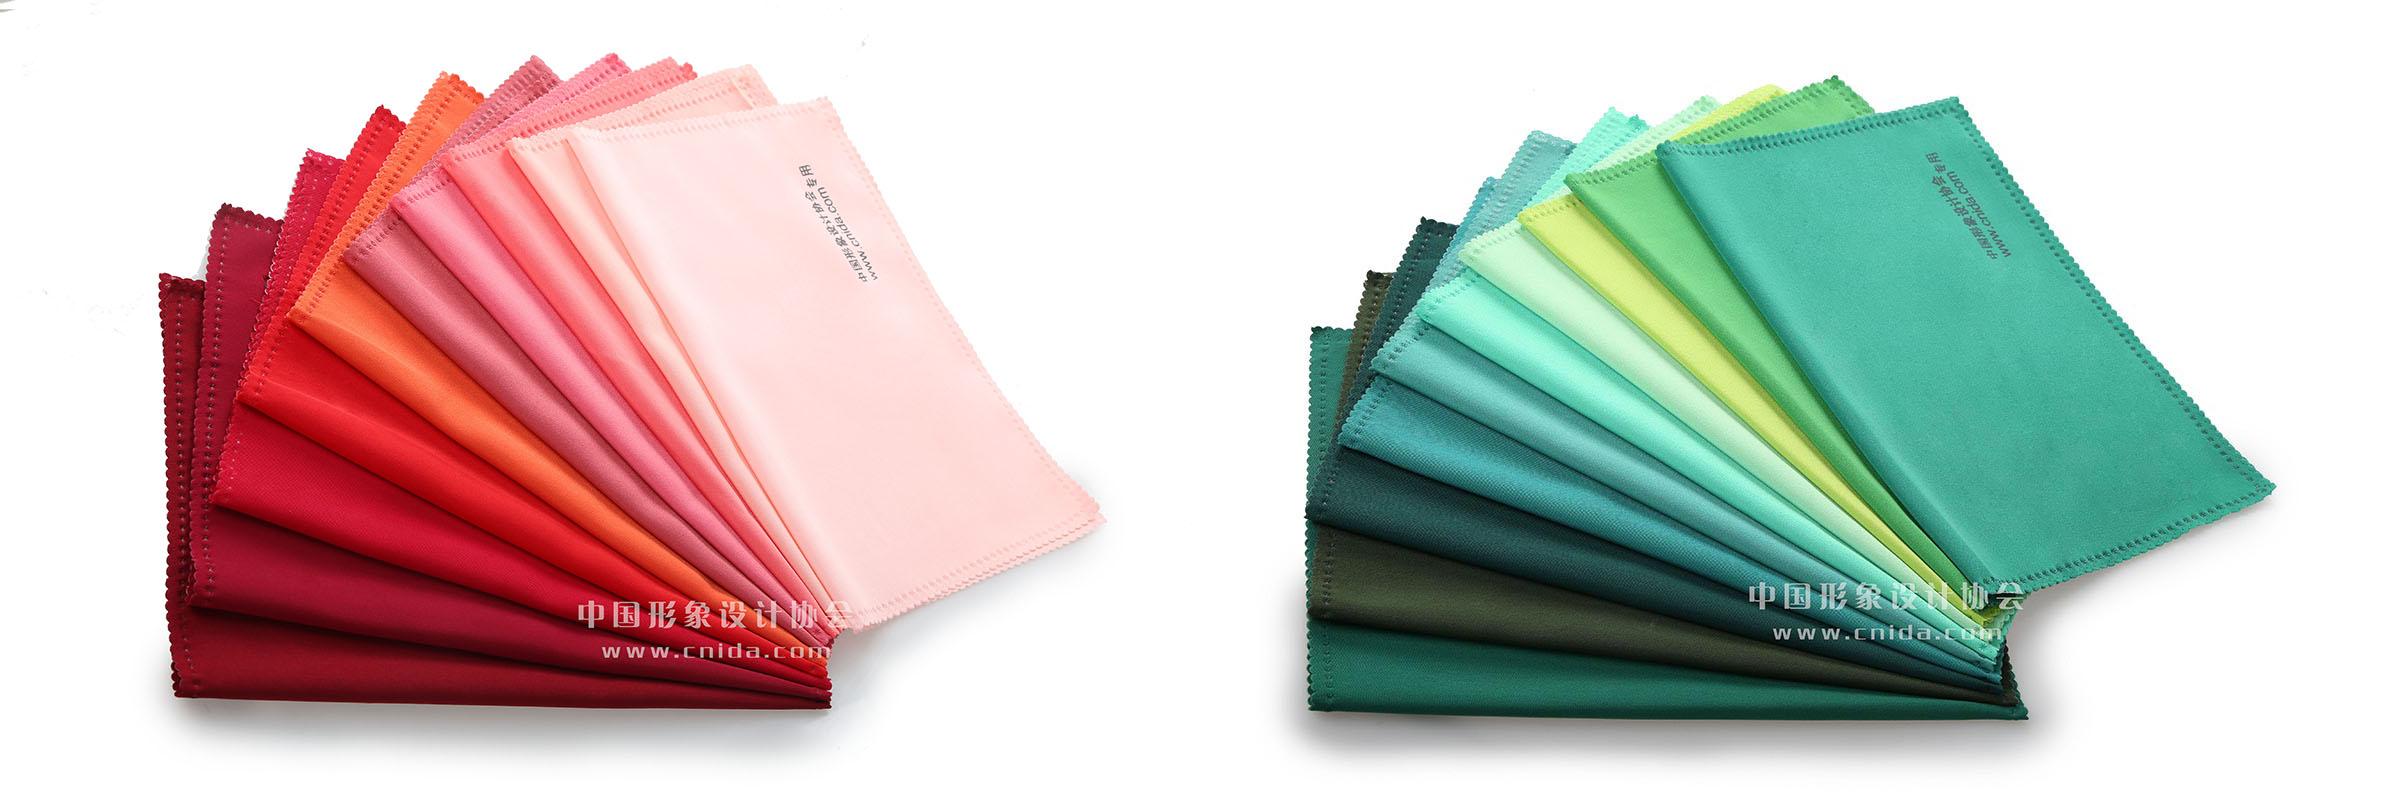 中国形象设计协会专用色布